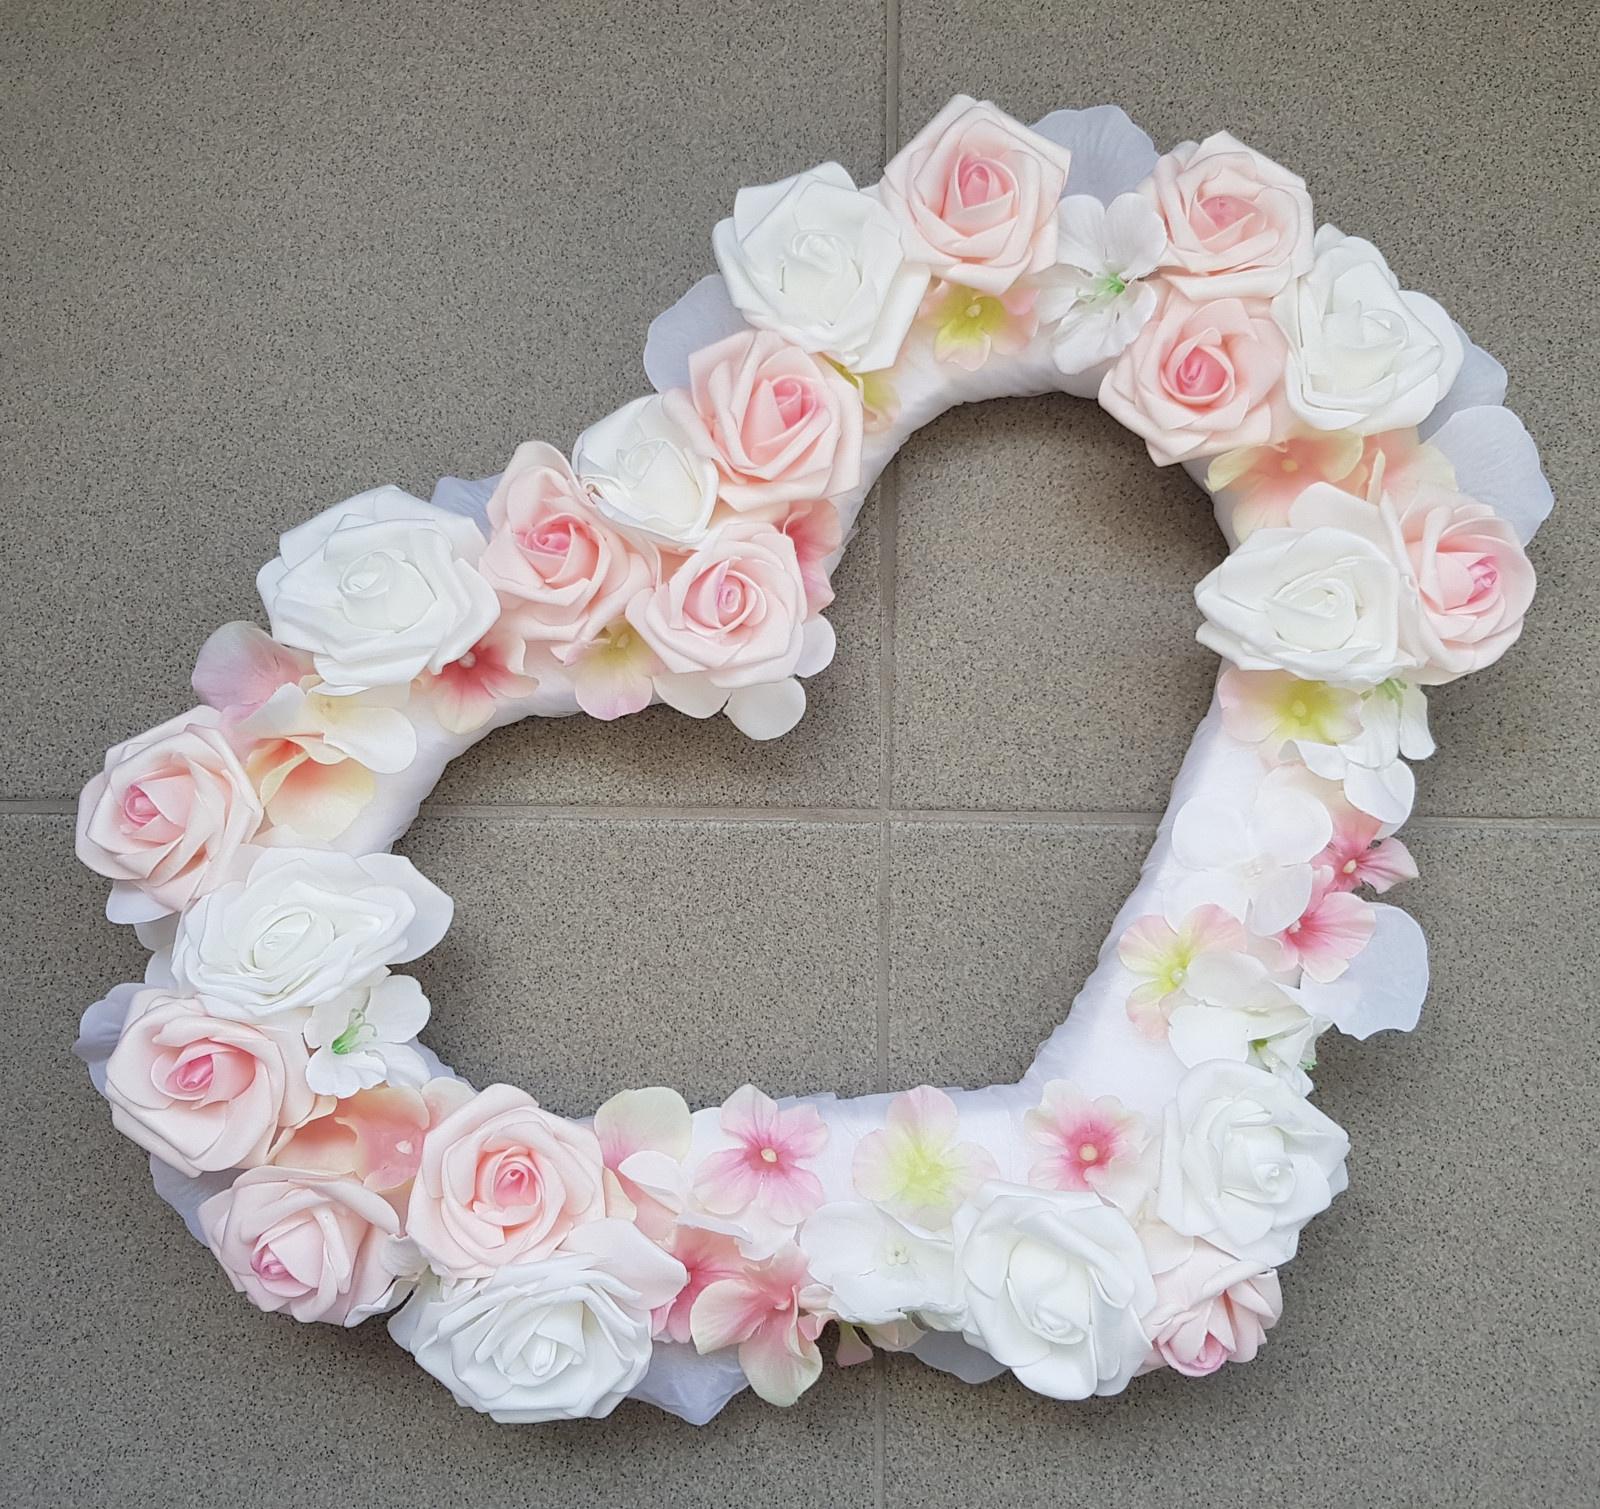 Srdce na kapotu bílá a růžová - Obrázek č. 1